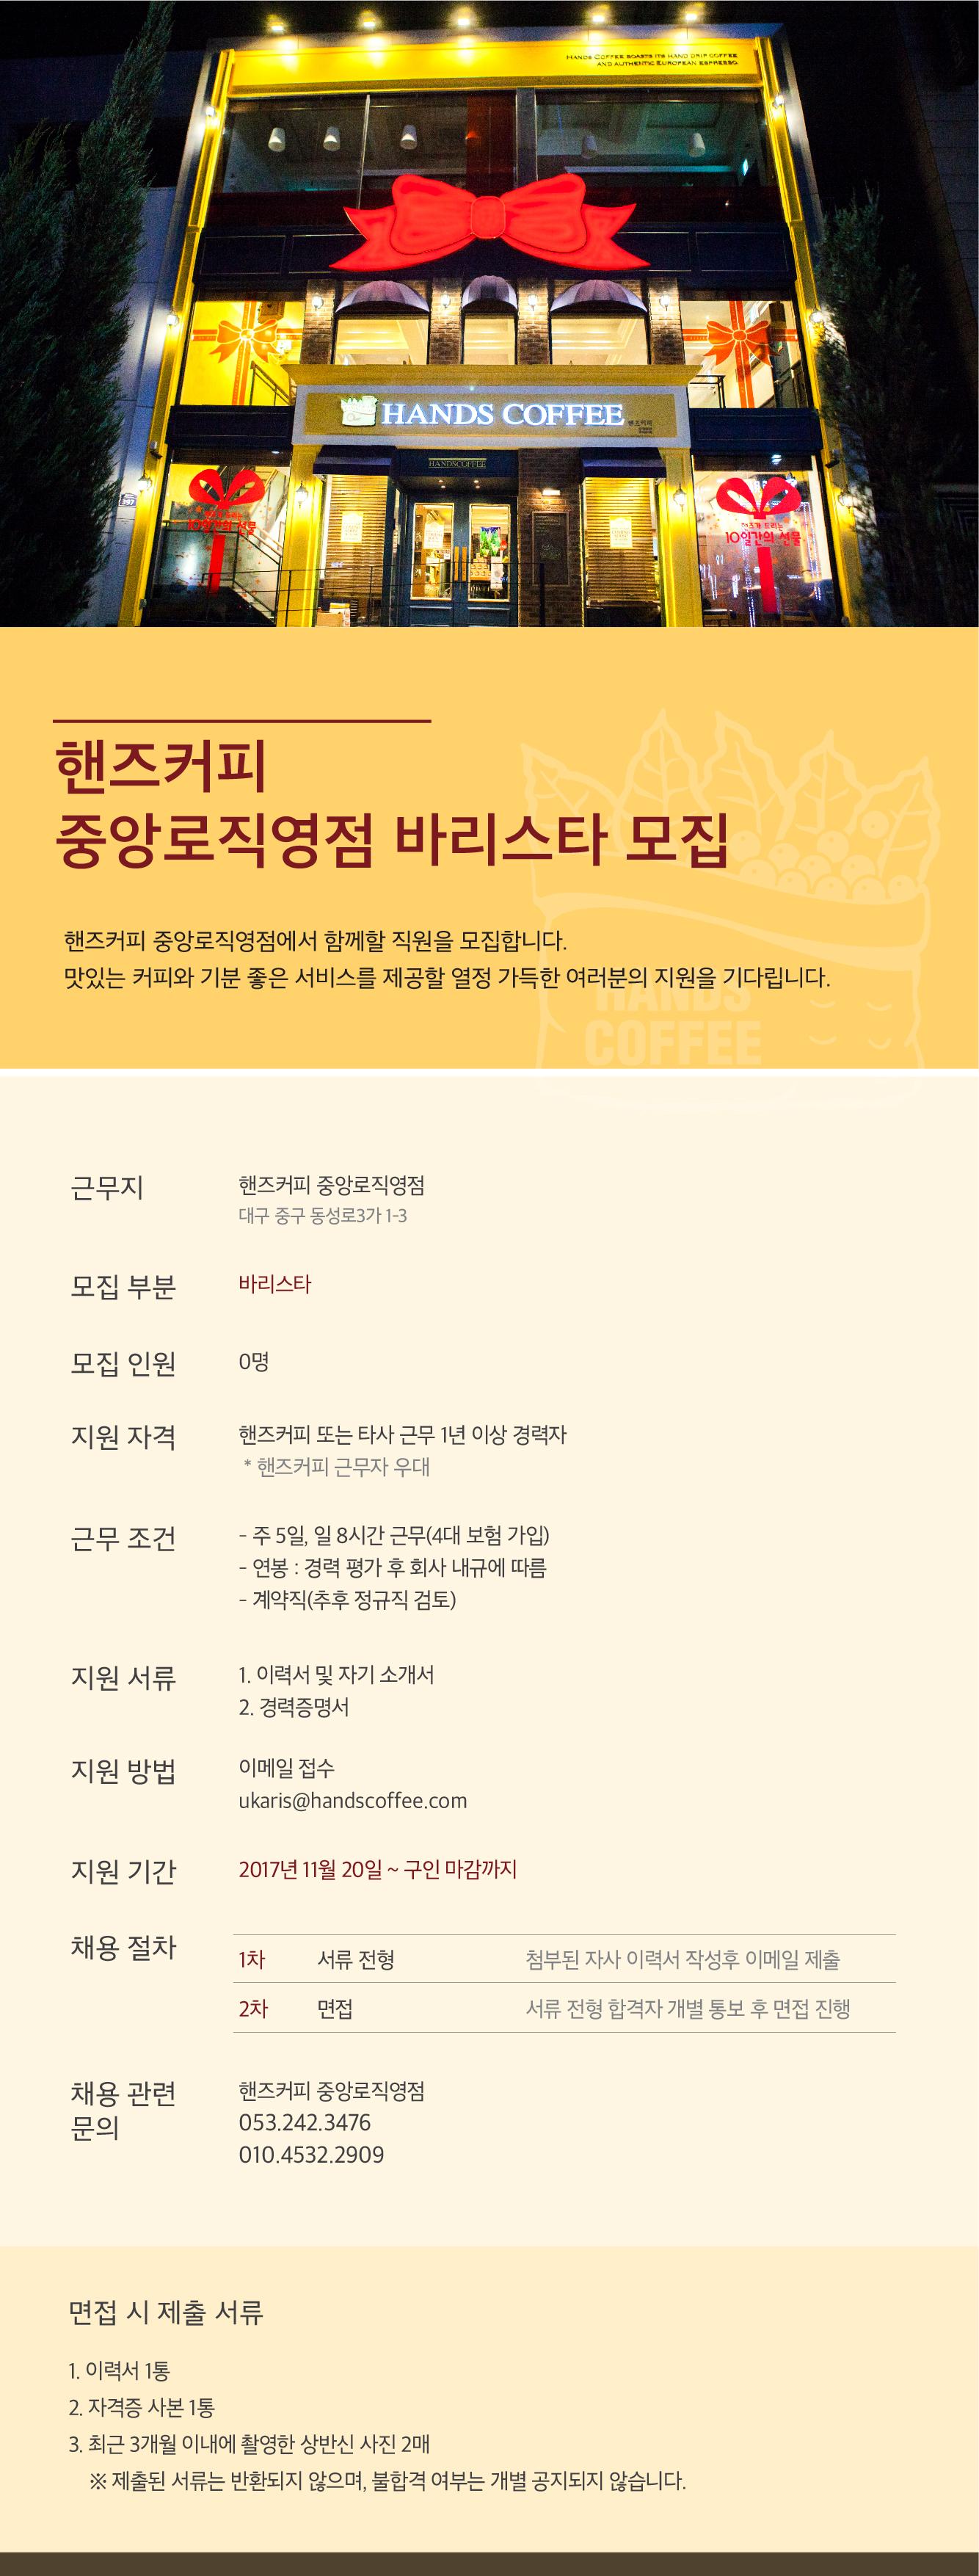 직영점 바리스타 모집_대지 3.jpg